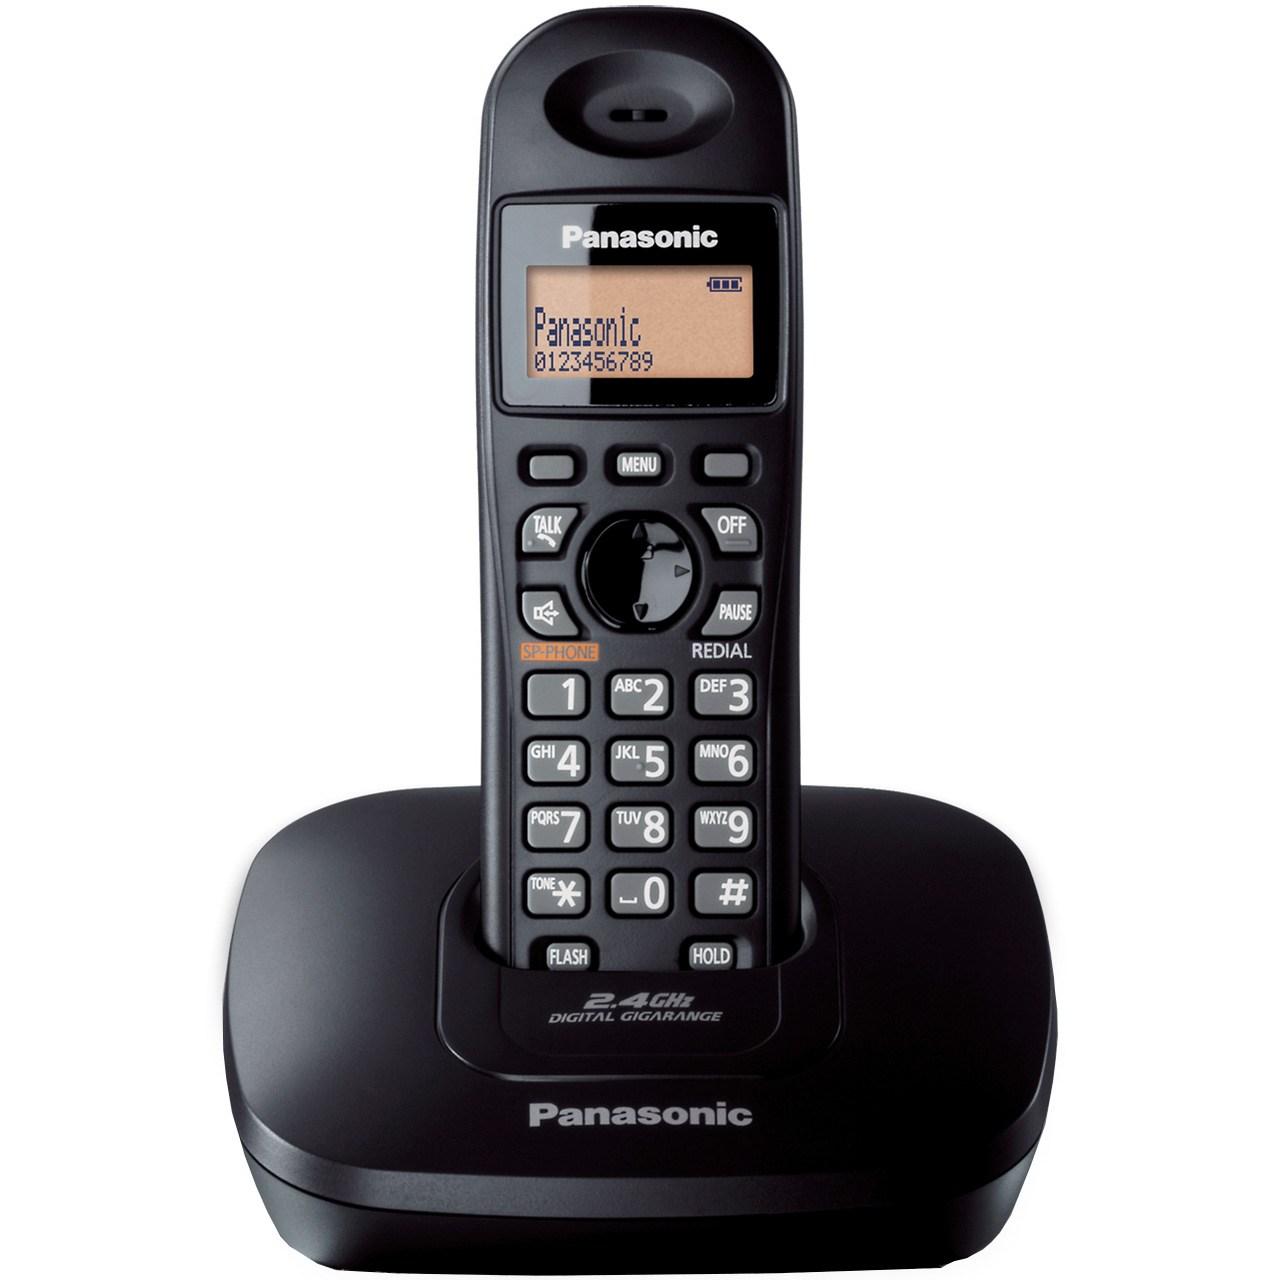 قیمت                      تلفن بی سیم پاناسونیک مدل KX-TG3611BX